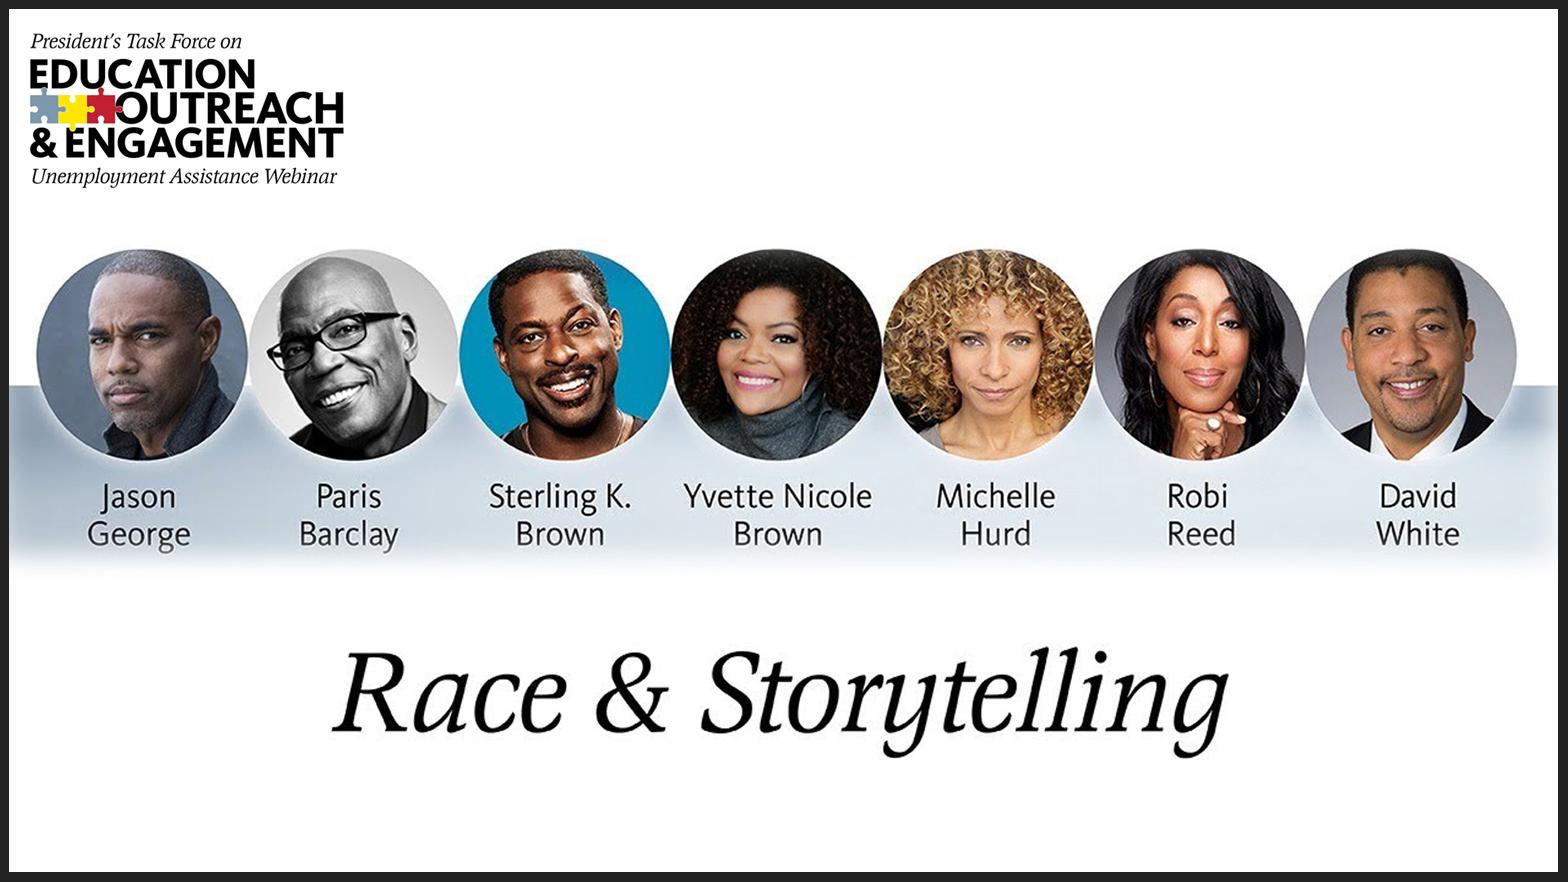 Disparos a la cabeza de los panelistas LR: George, Barclay, Sterling K. Brown, Yvette Nicole Brown, Hurd, Feed, White